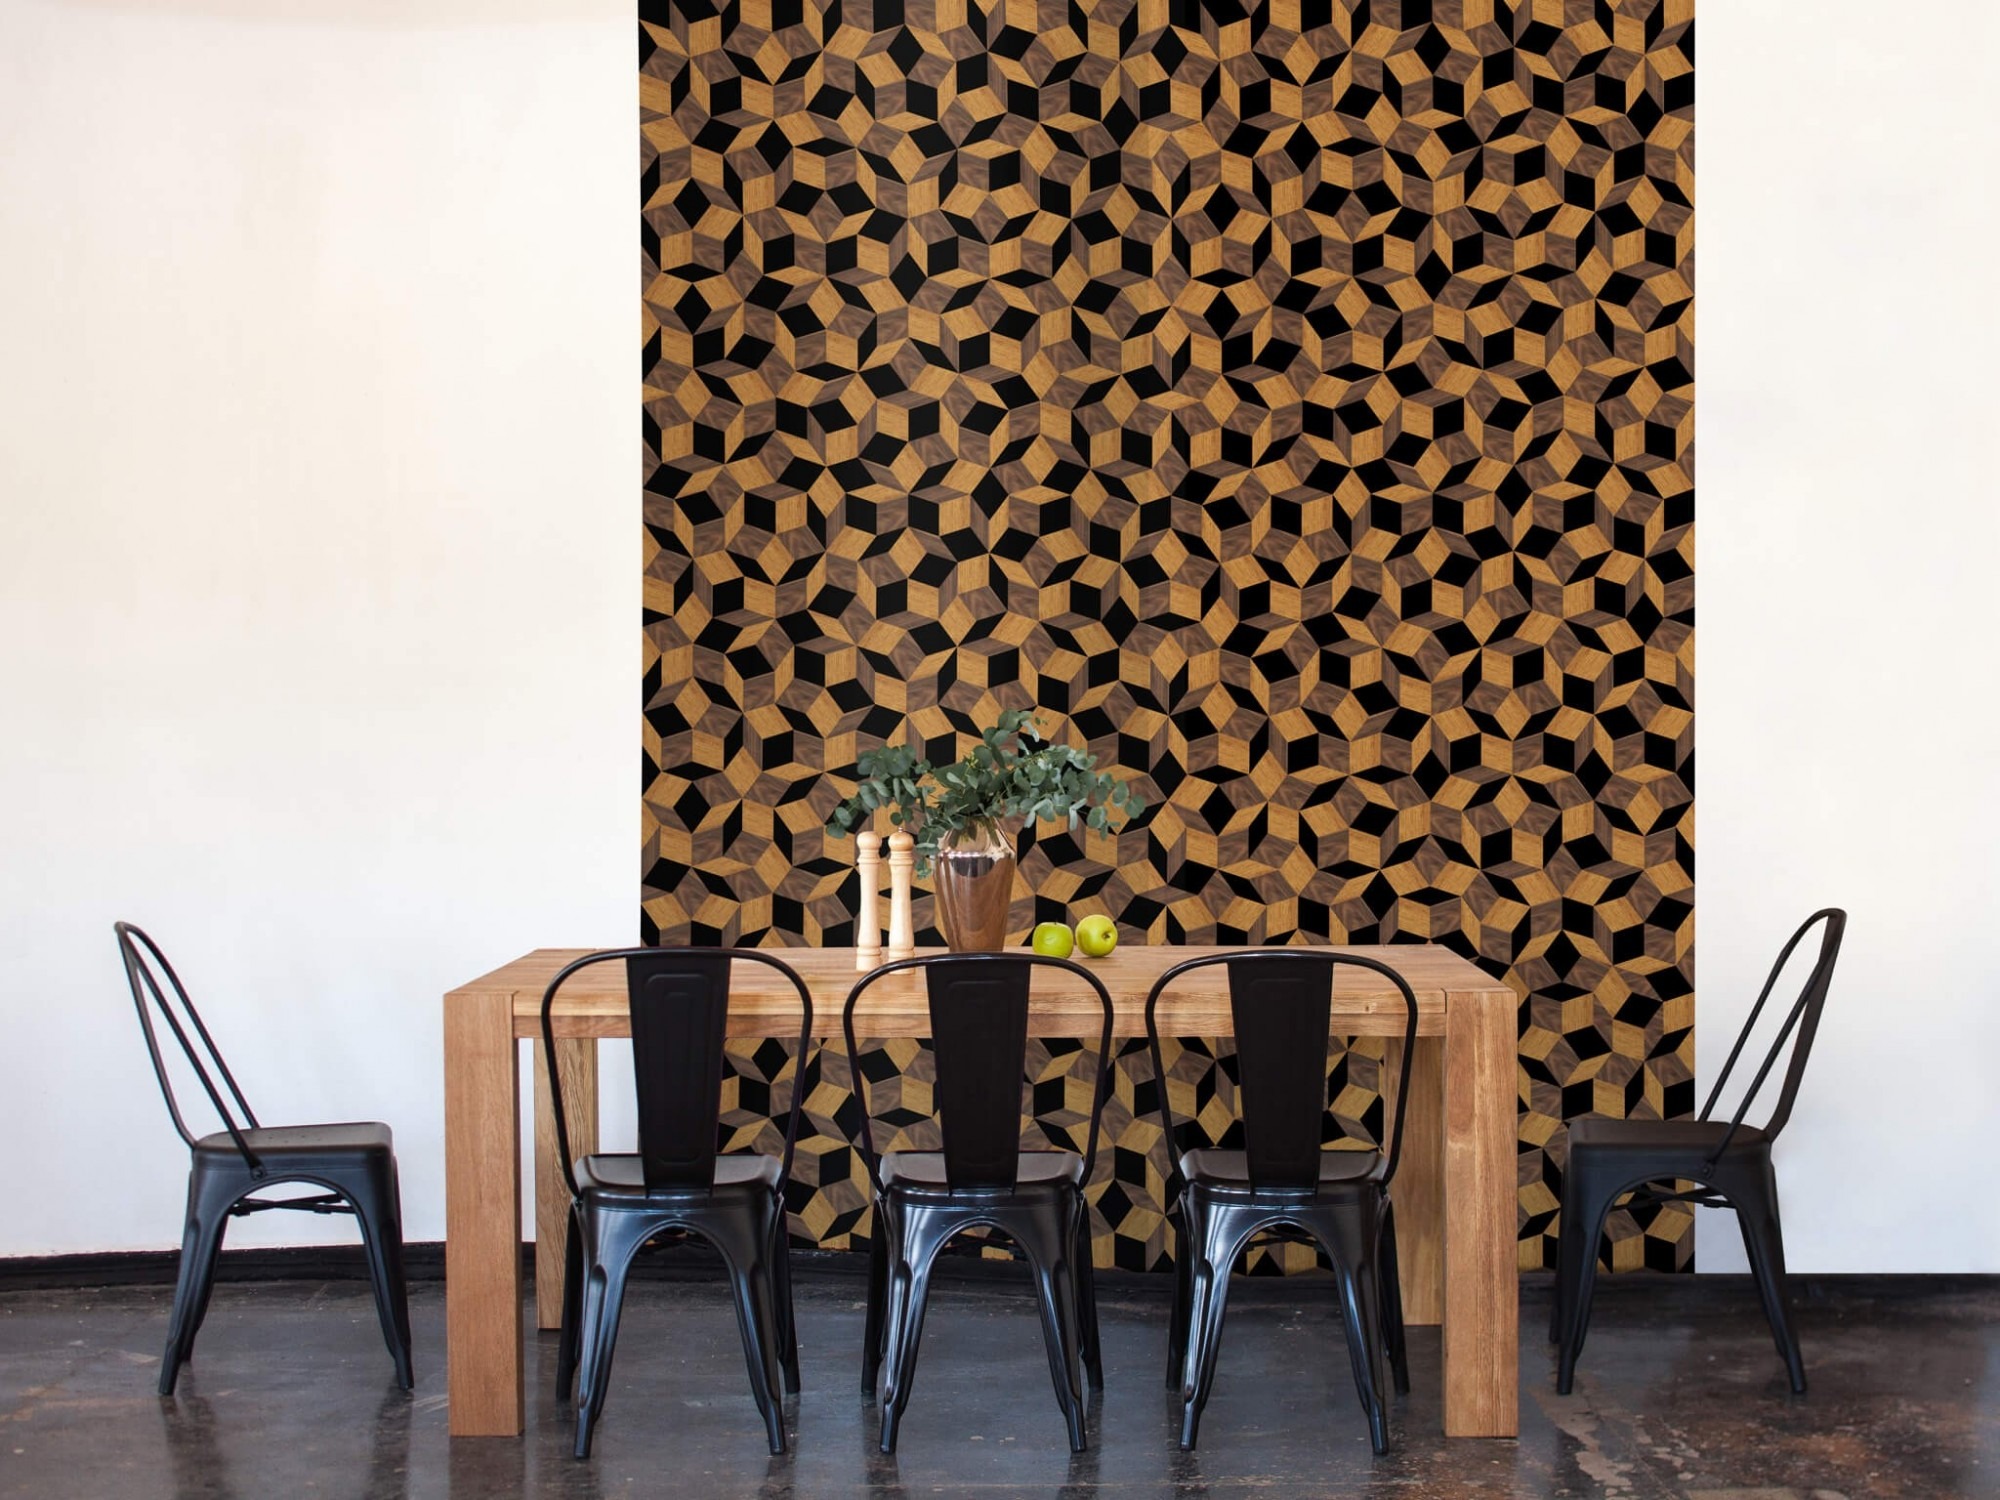 lé de papier peint avec motif géométrique penrose, collé dans une salle à manger, design Ichetkar.